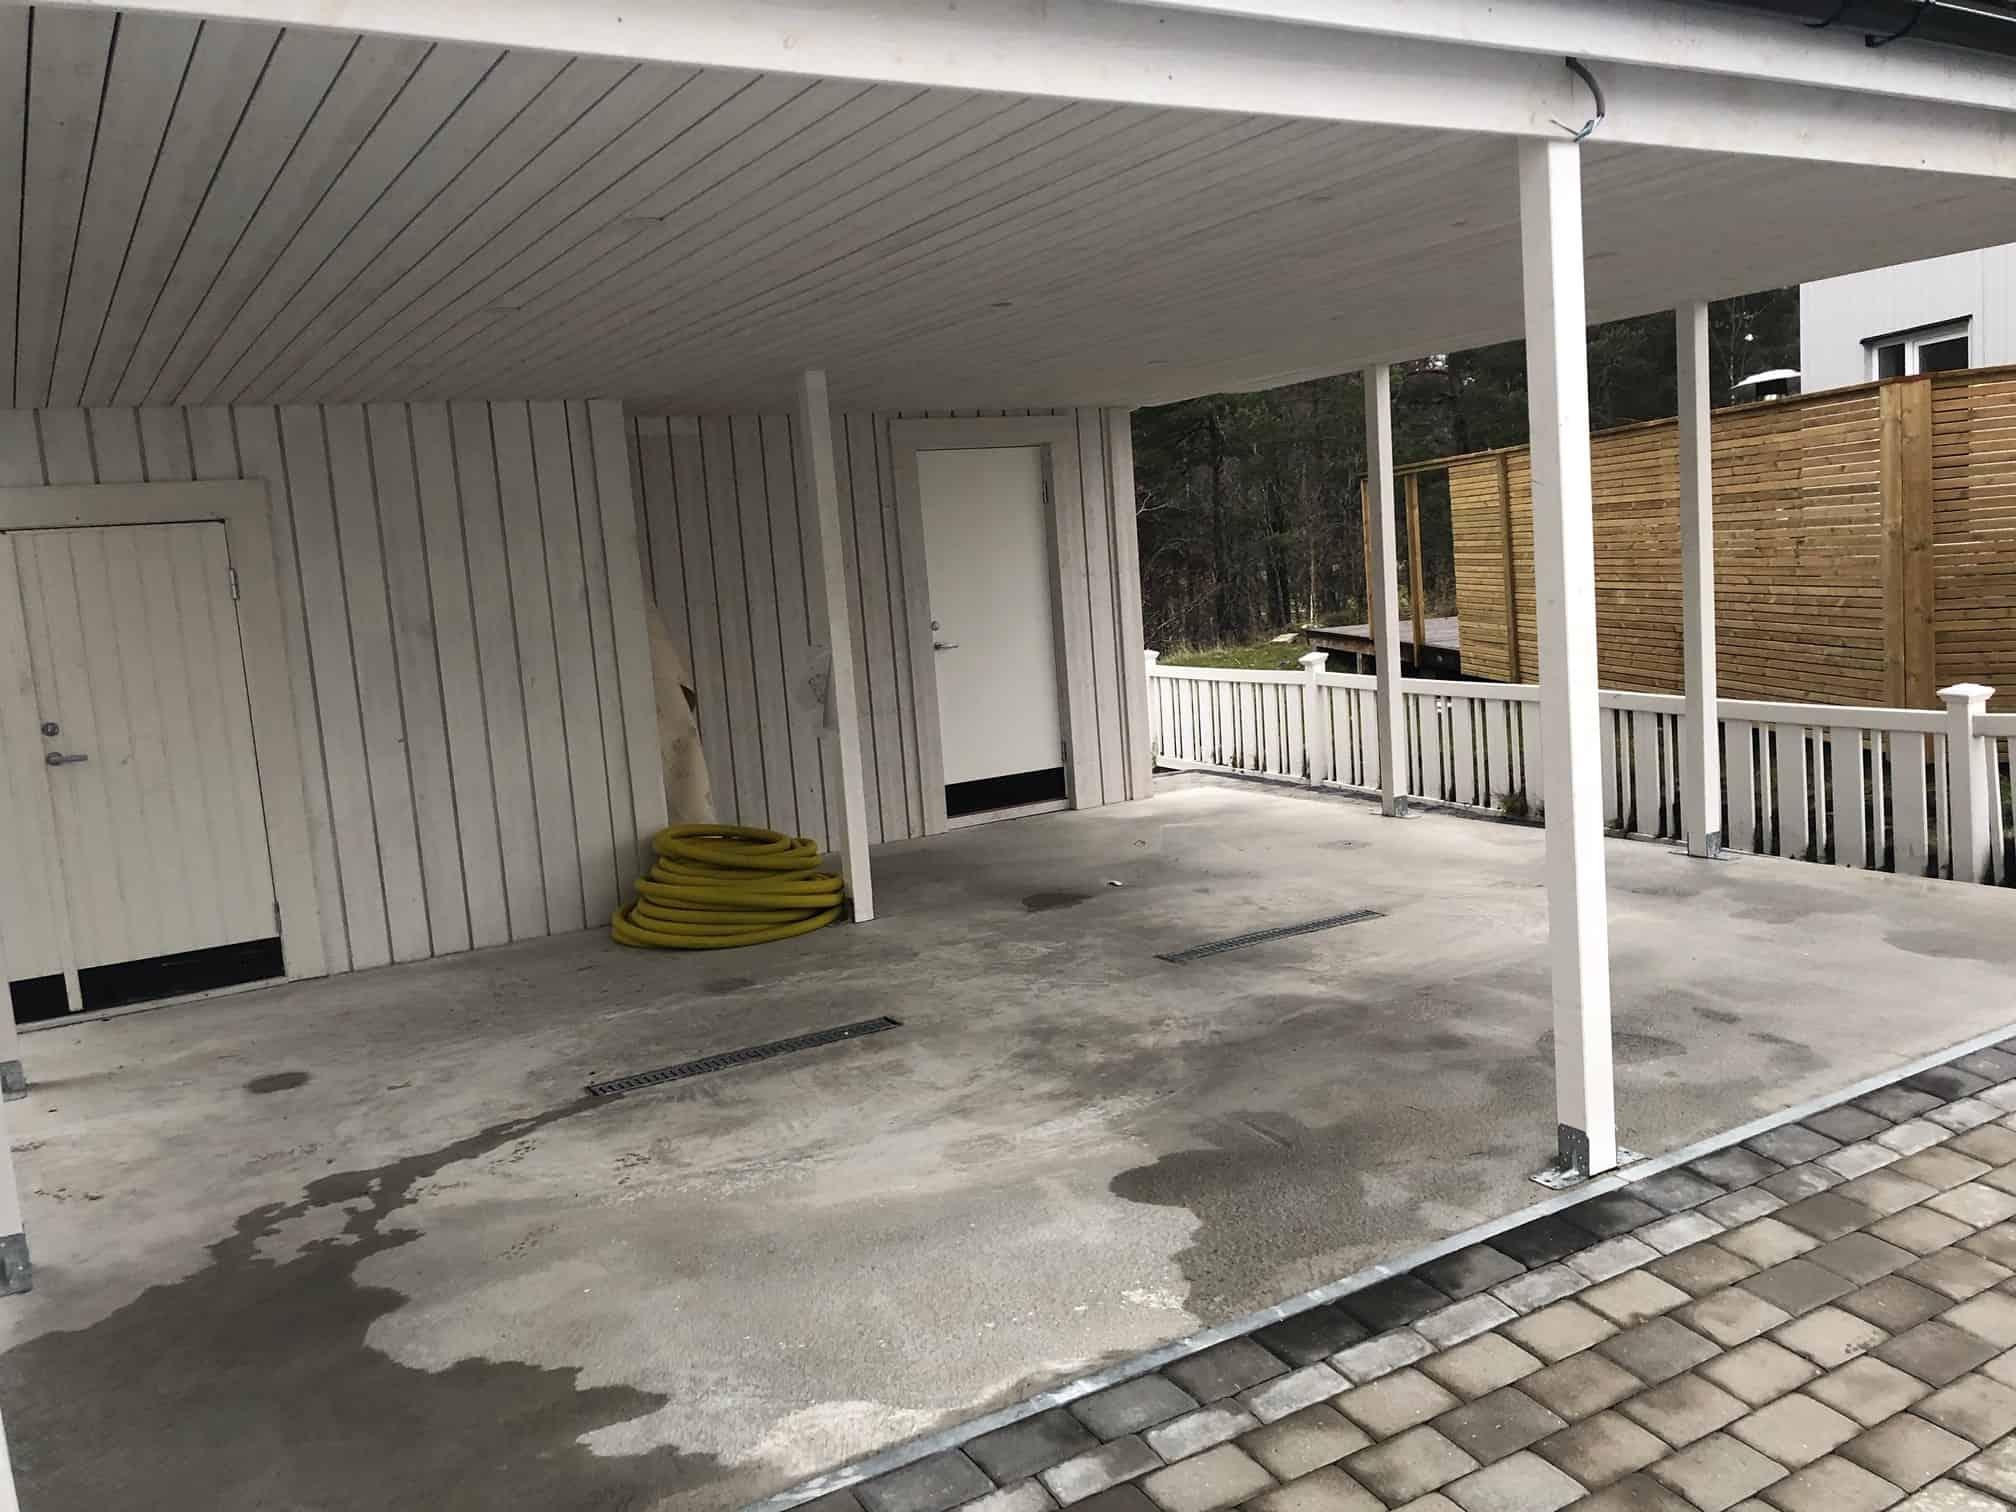 """Referensjobb """"Betongplatta, Carport och Förråd."""" utfört av RKS Mark & Trädgård AB"""